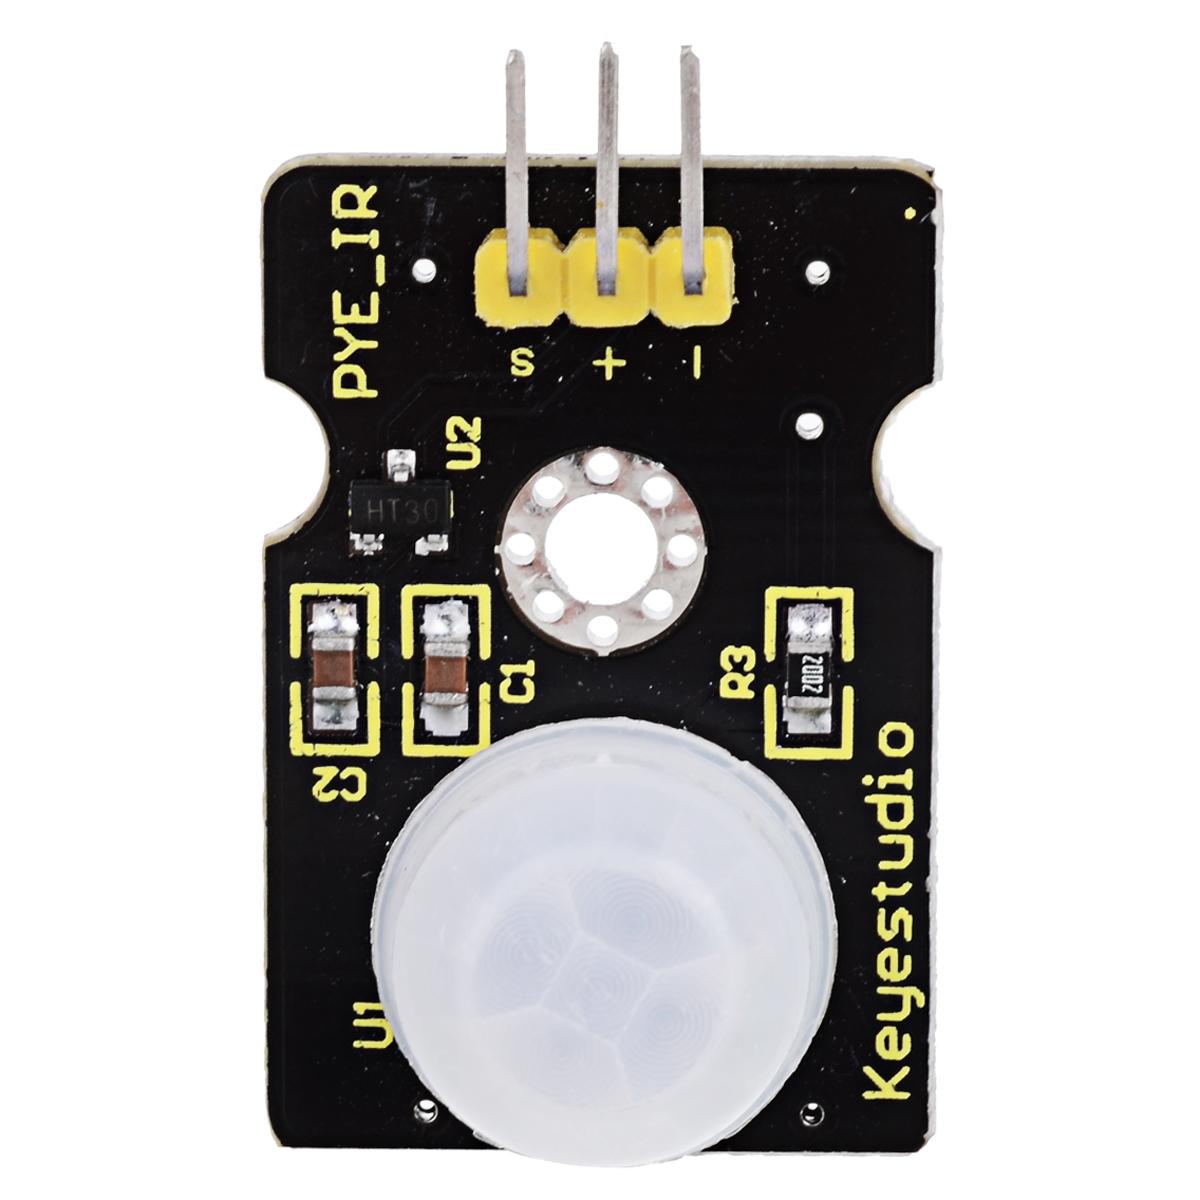 Detection-Angle-Angle-Infrared-IR-PIR-Motion-Sensor-Detector-Module